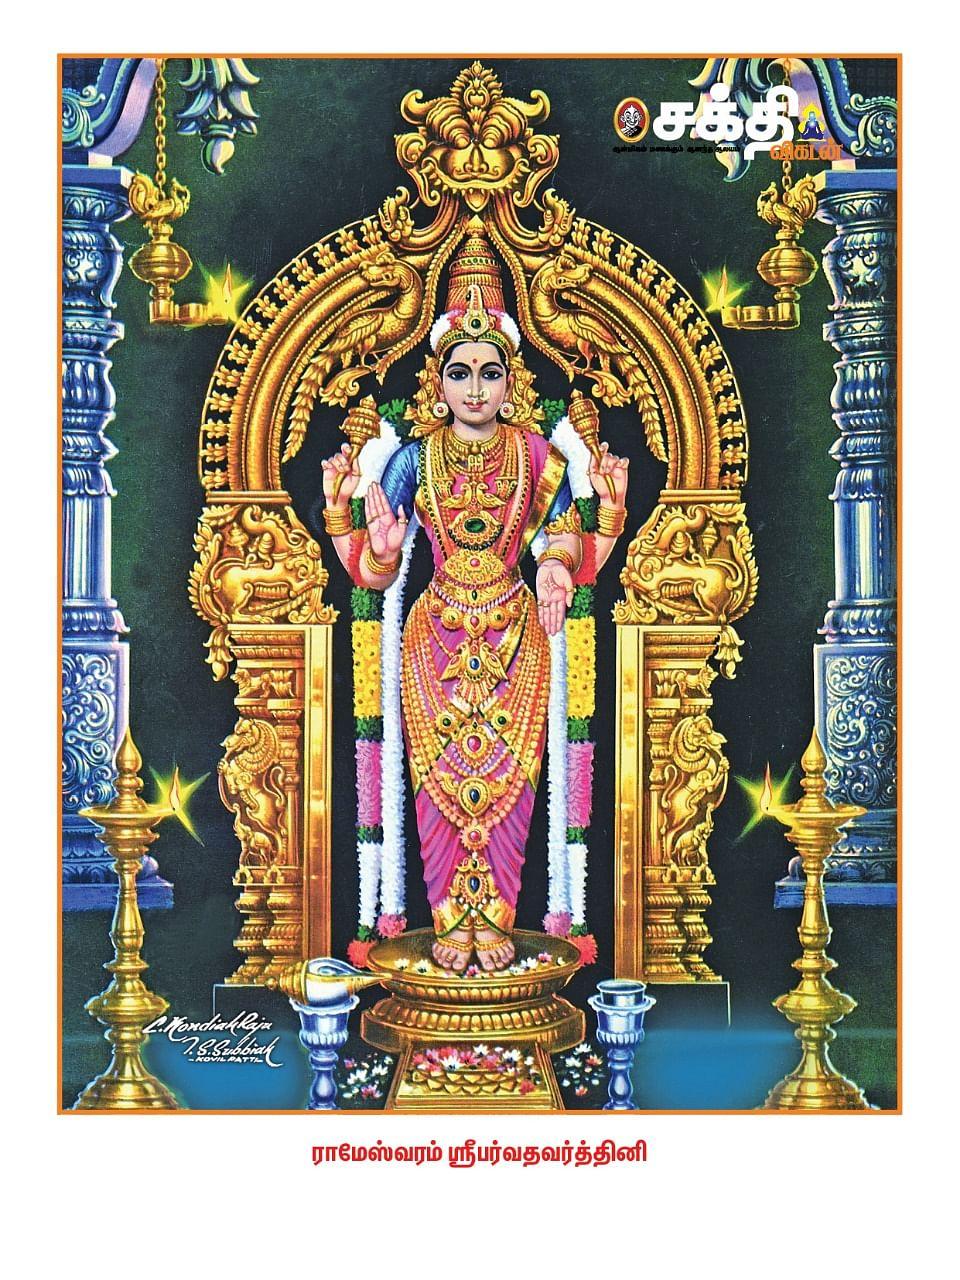 பர்வத வர்த்தினி